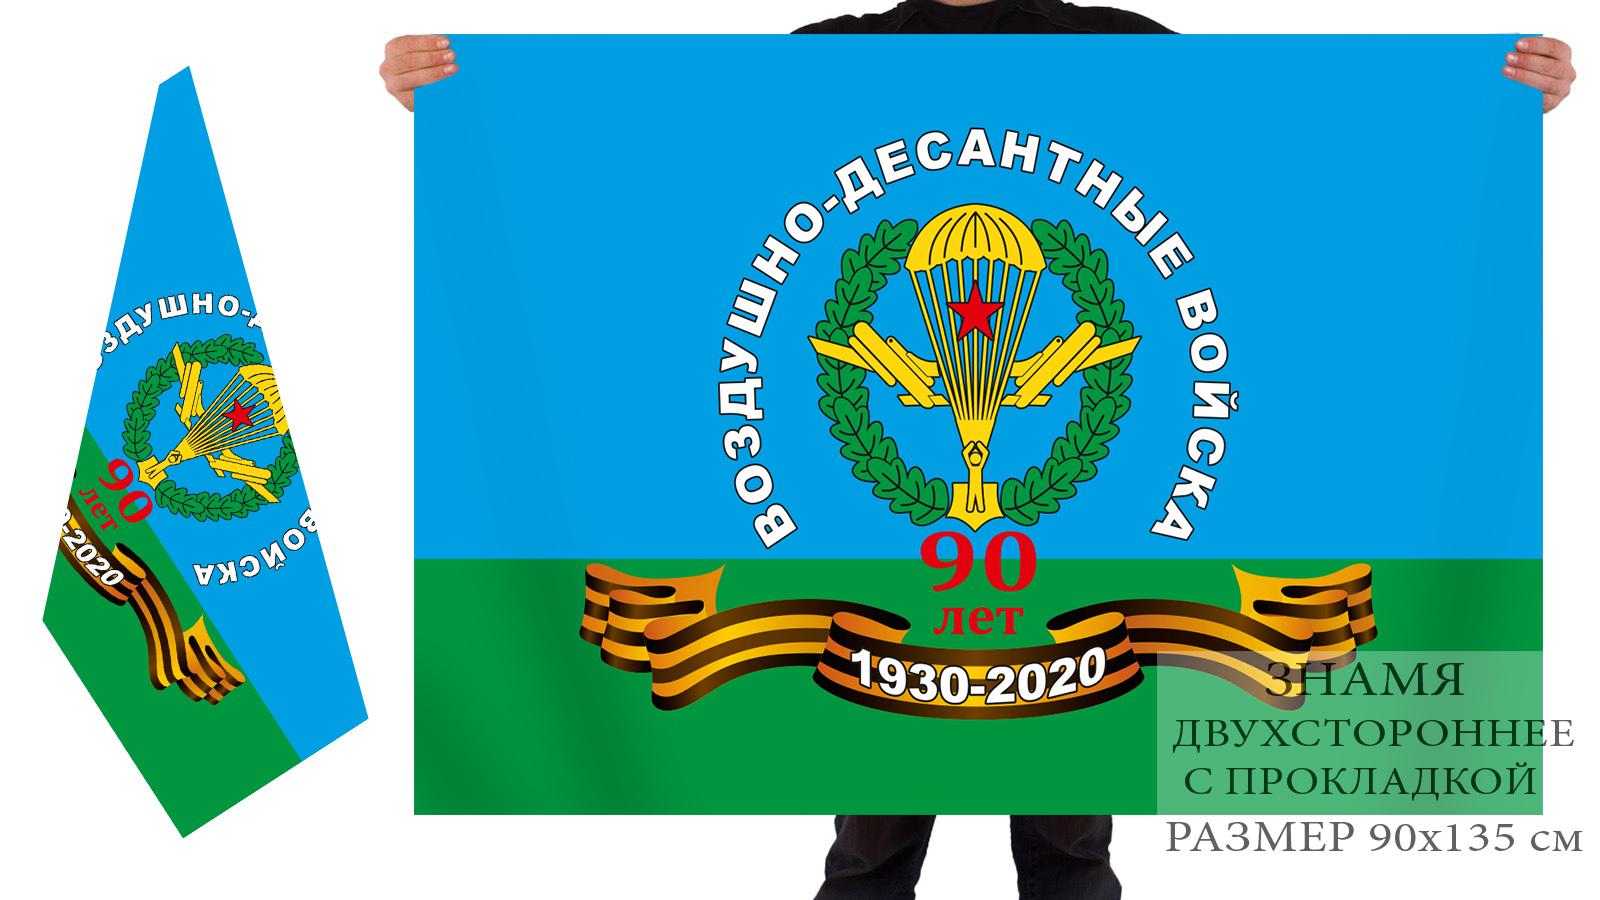 Купить в Москве двухсторонний флаг ВДВ 90 лет 1930-2020